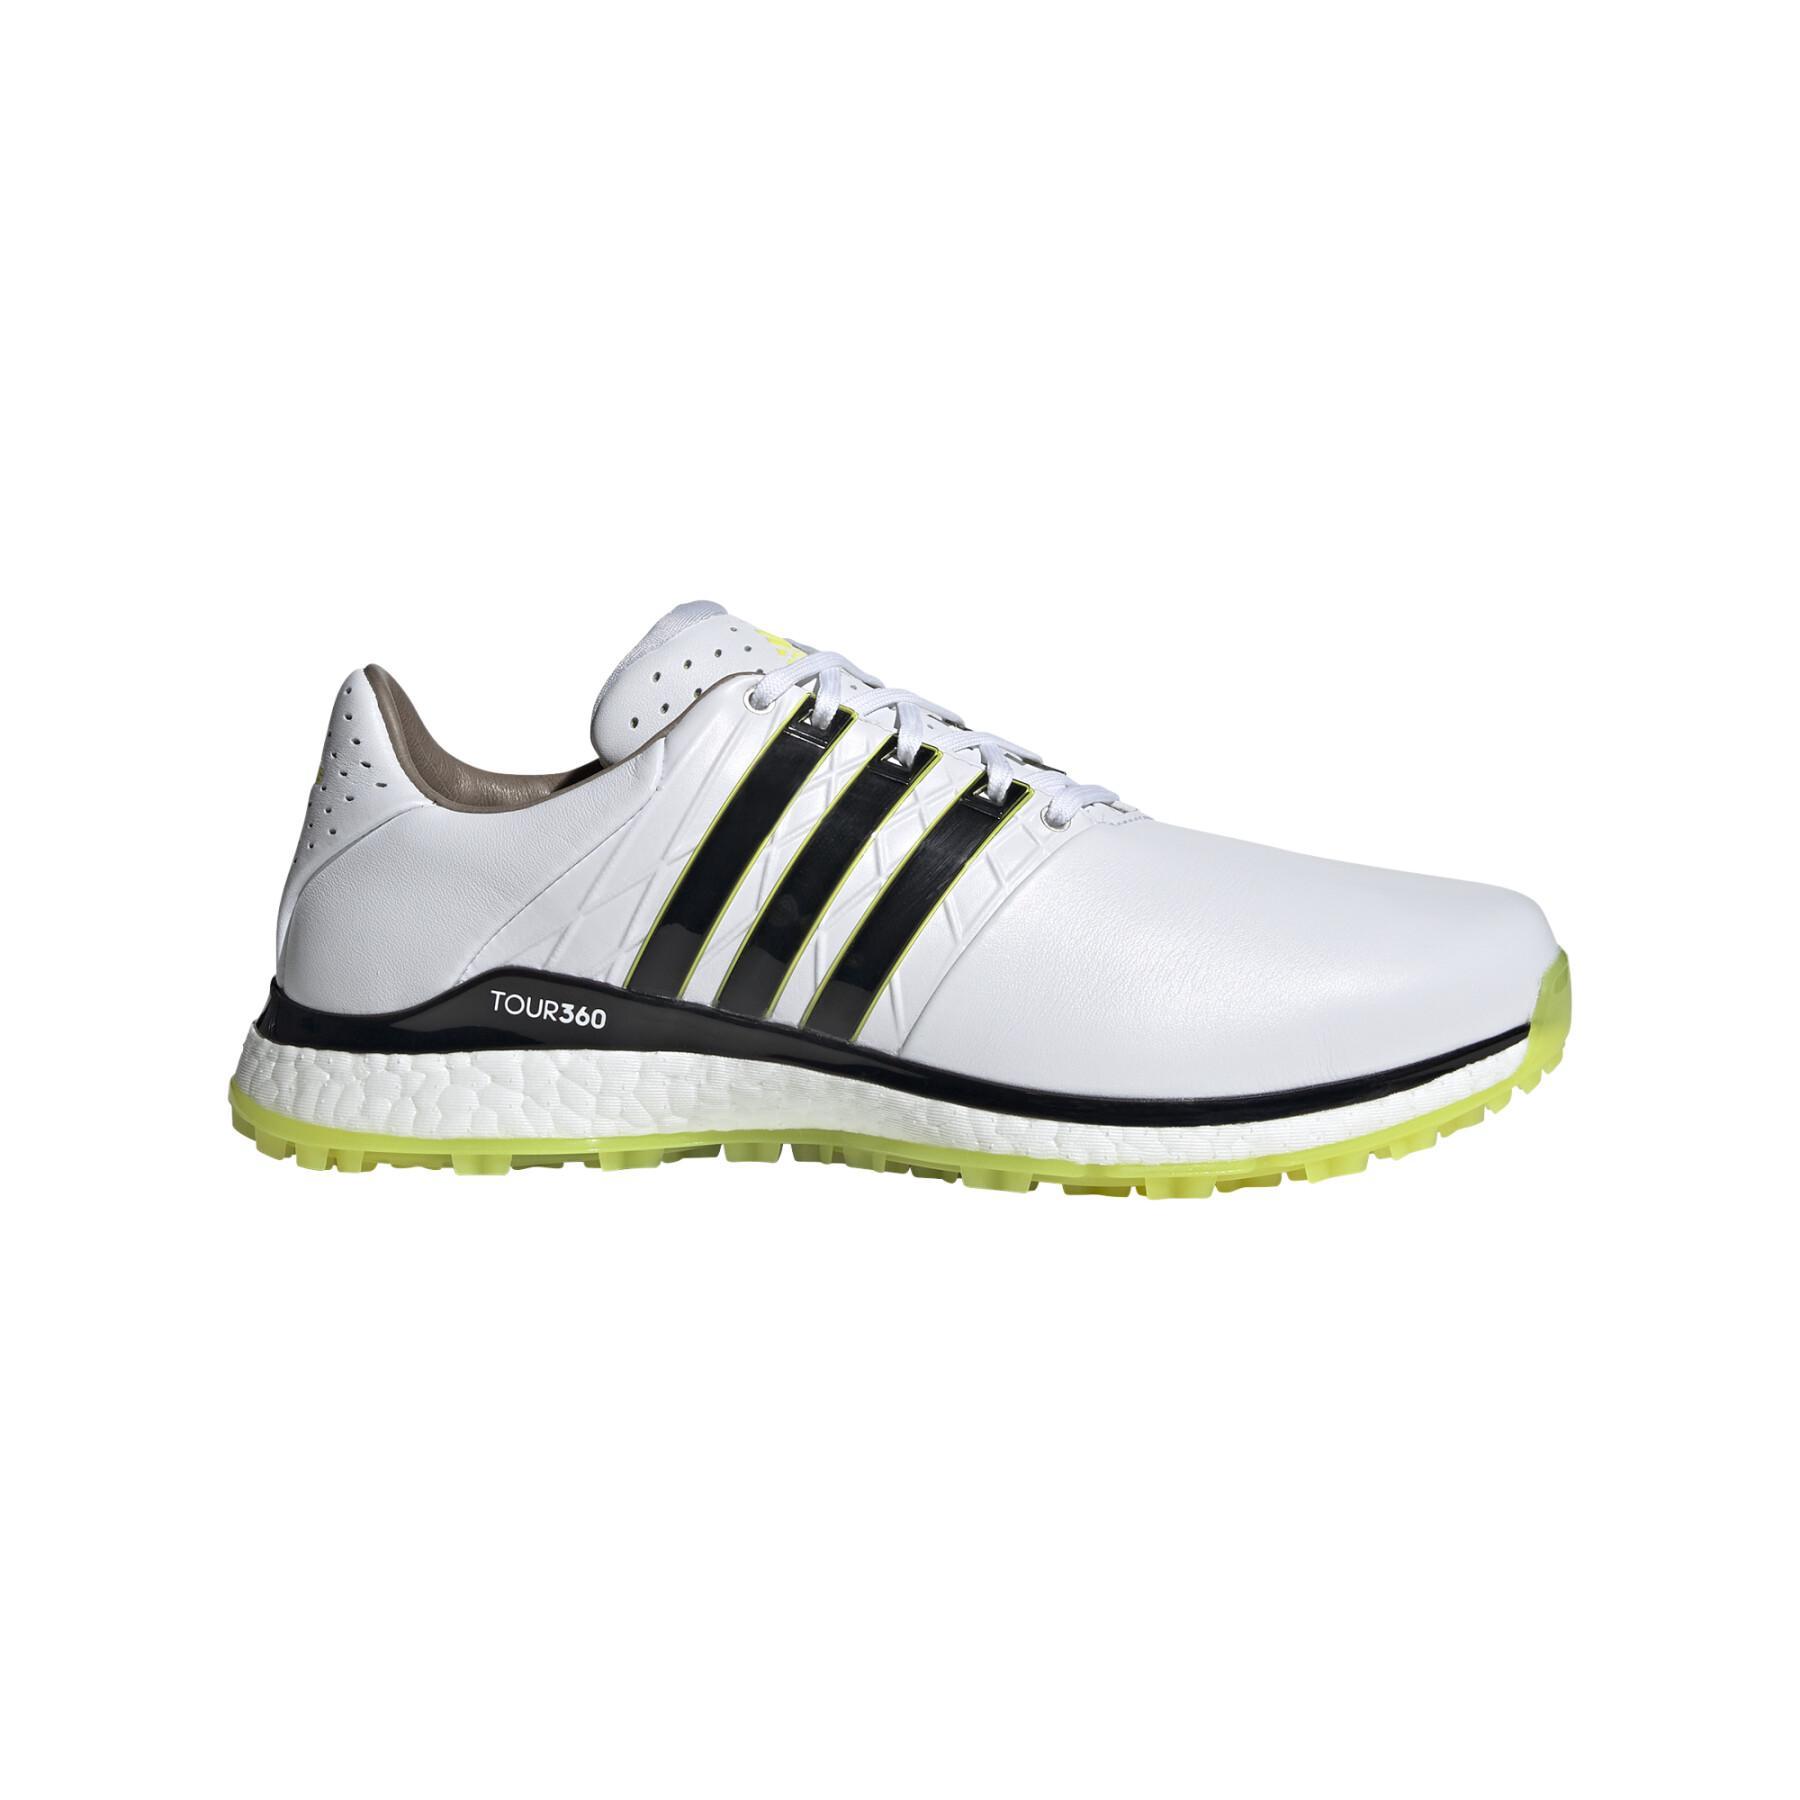 Schuhe adidas TOUR360 XT-SL 2.0